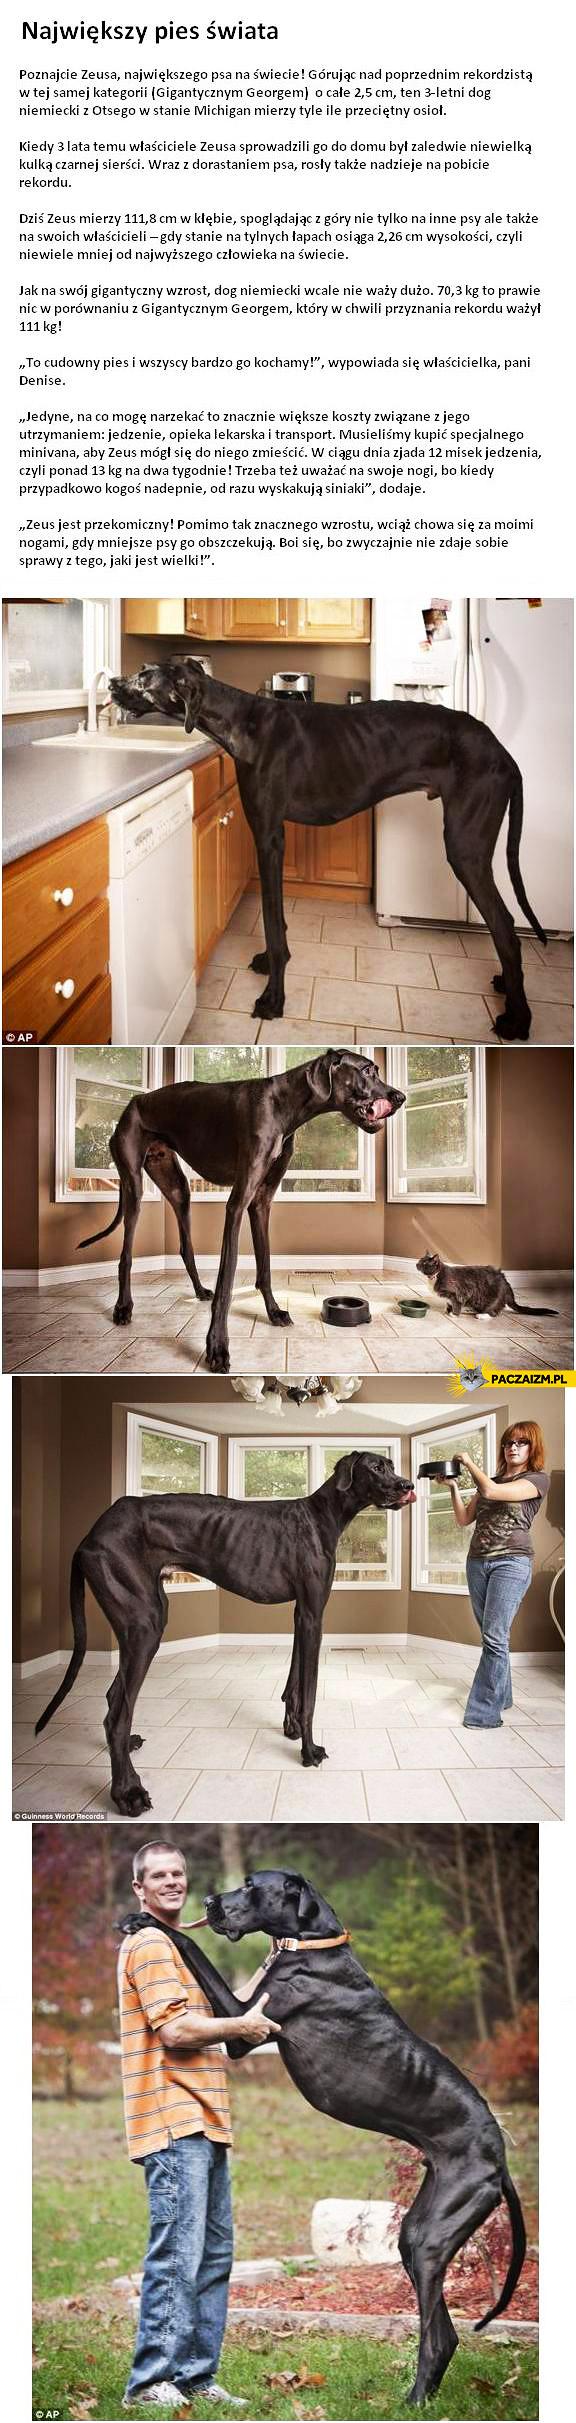 Największy pies świata